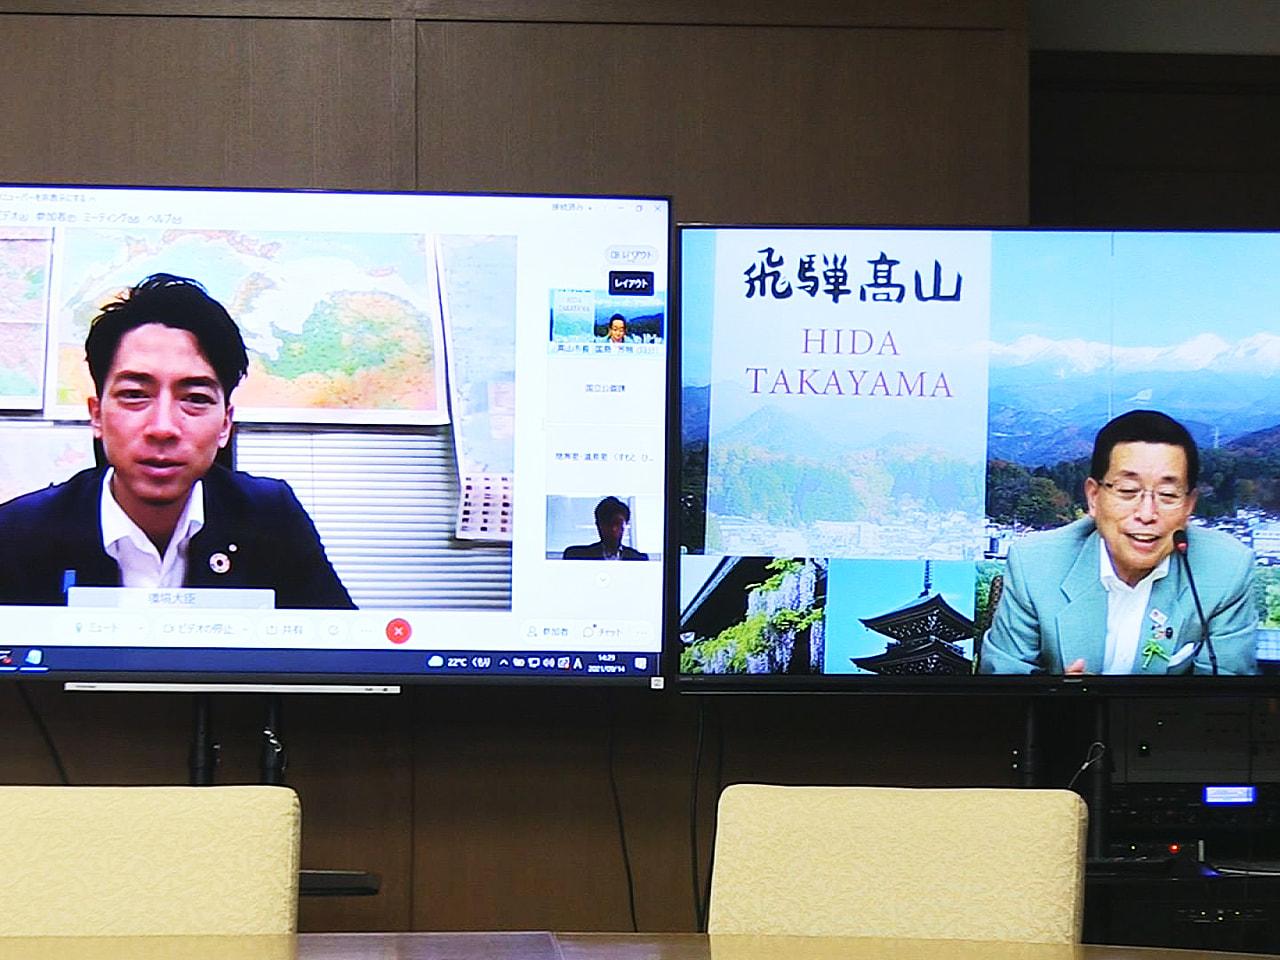 岐阜県高山市の國島芳明市長が小泉環境大臣とオンラインで面談し、再生可能エネルギー...